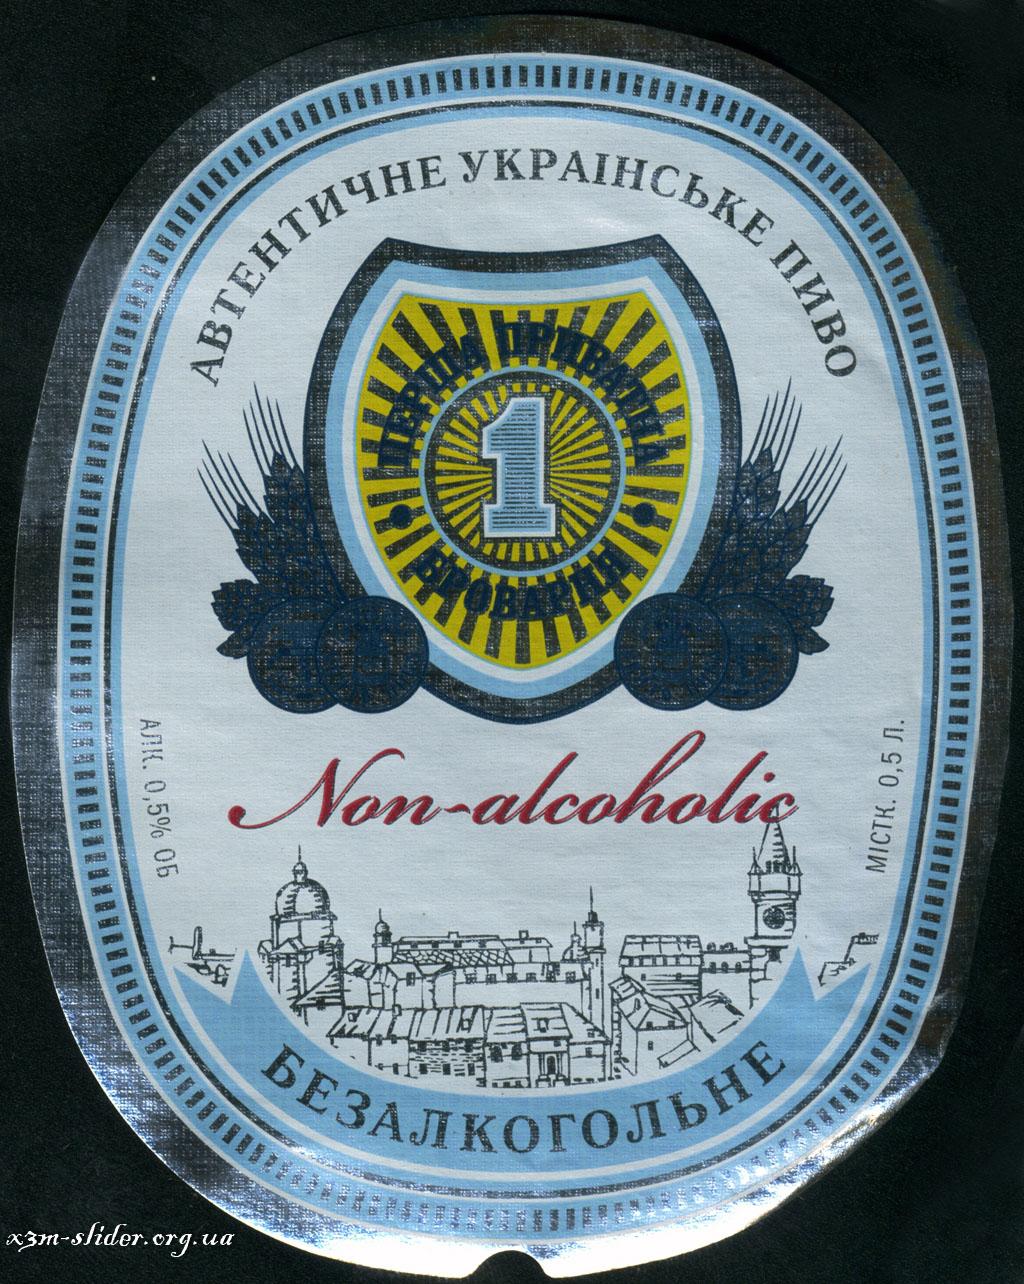 Перша Приватна Броварня - Non-alcoholic